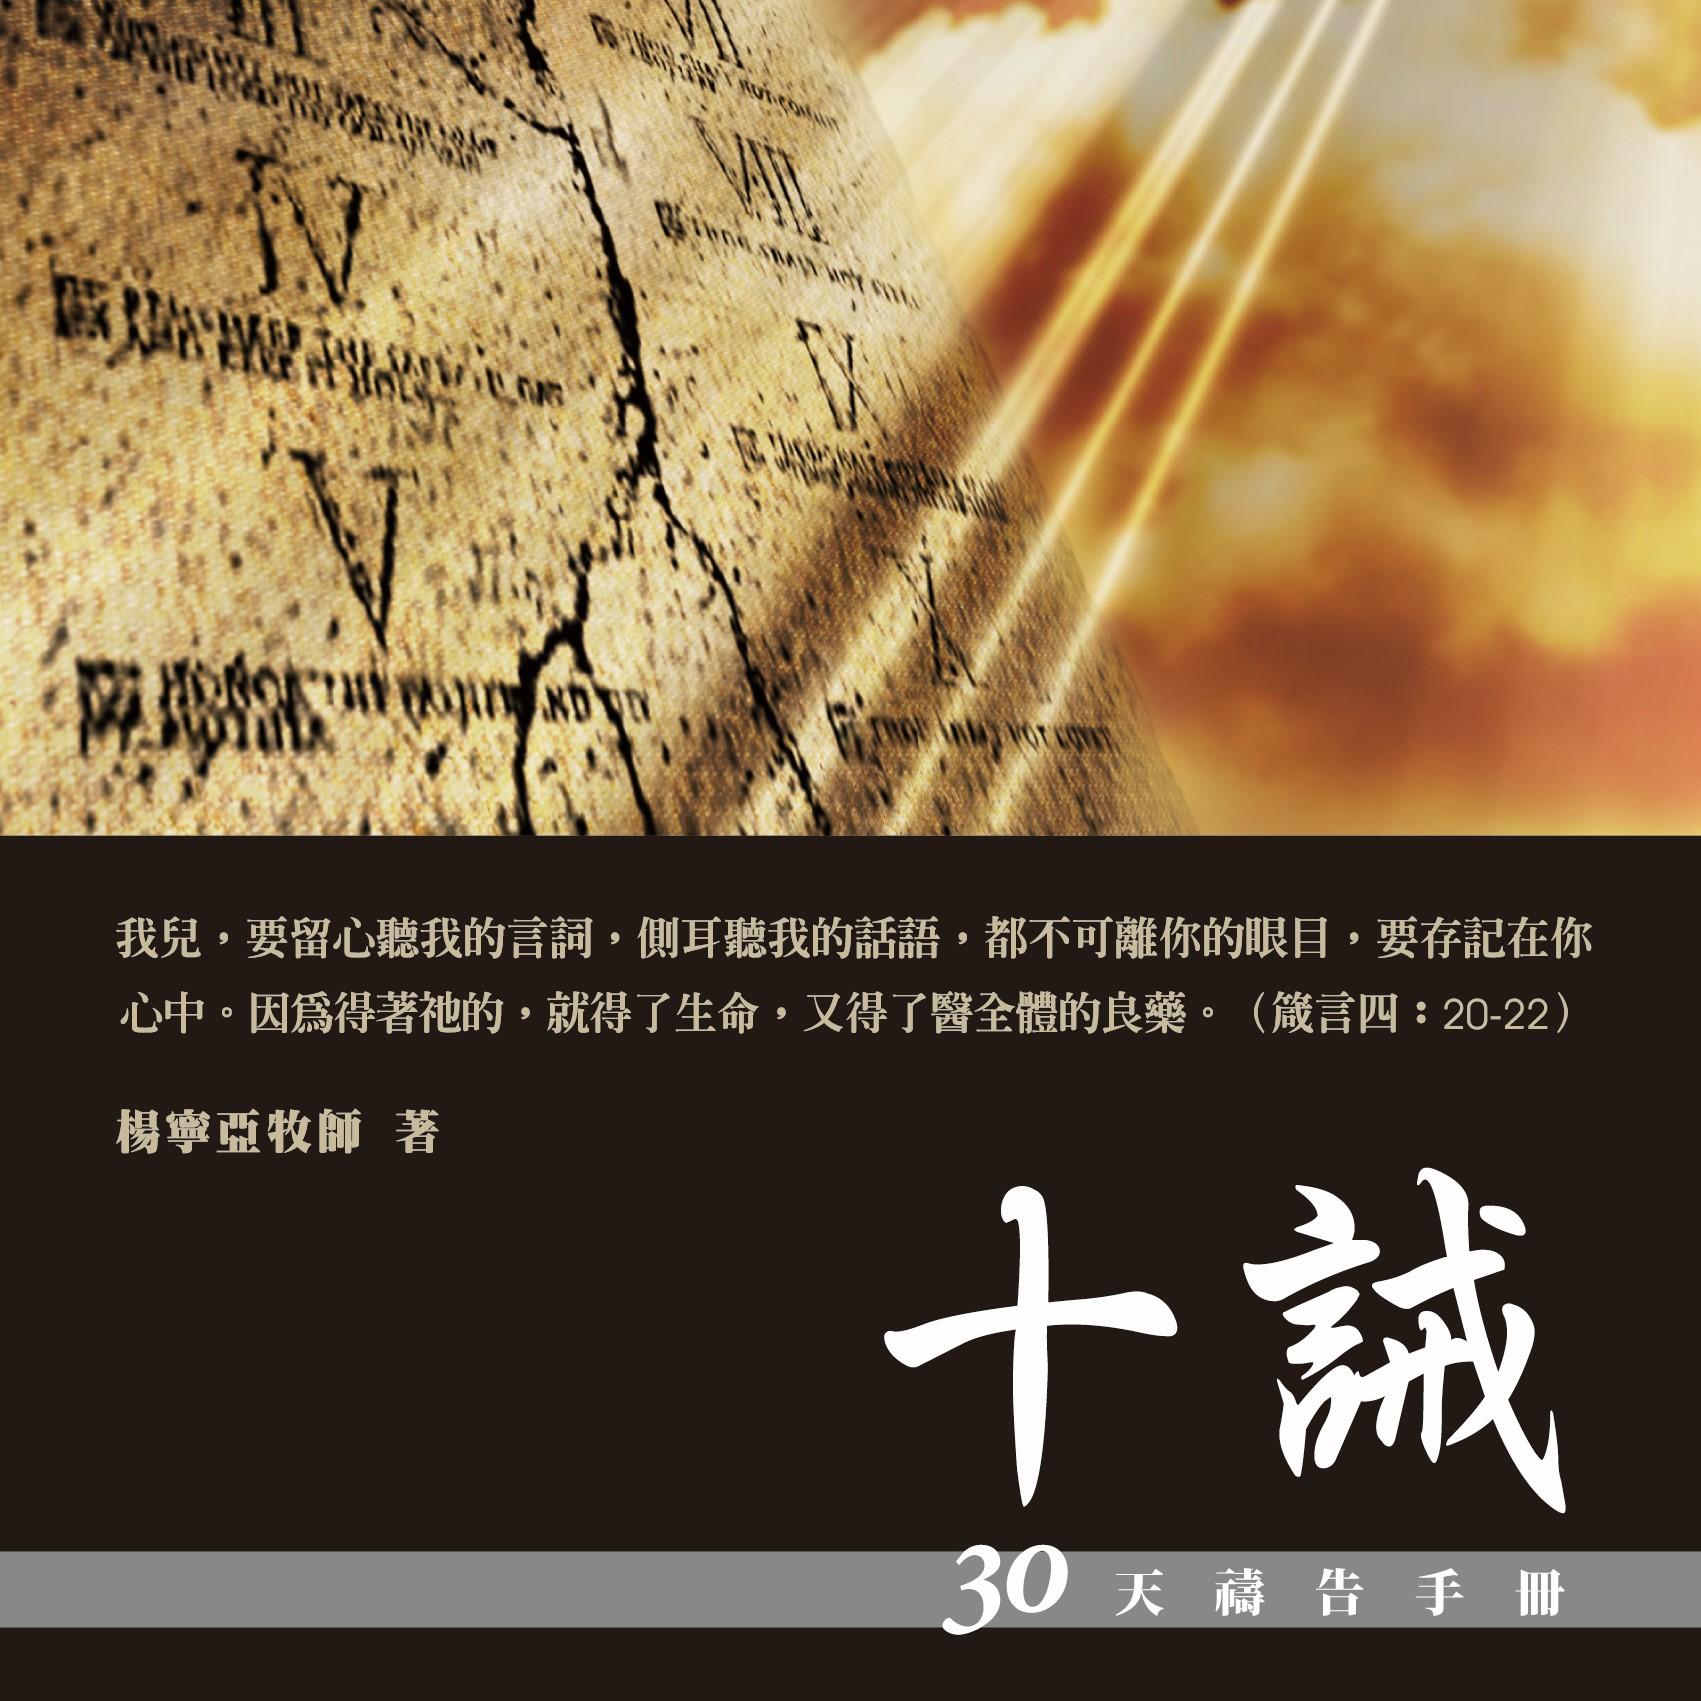 2.十誡-第6天-2.The Ten Commandments-Day6勝過屬靈外遇(拜偶像)的試探